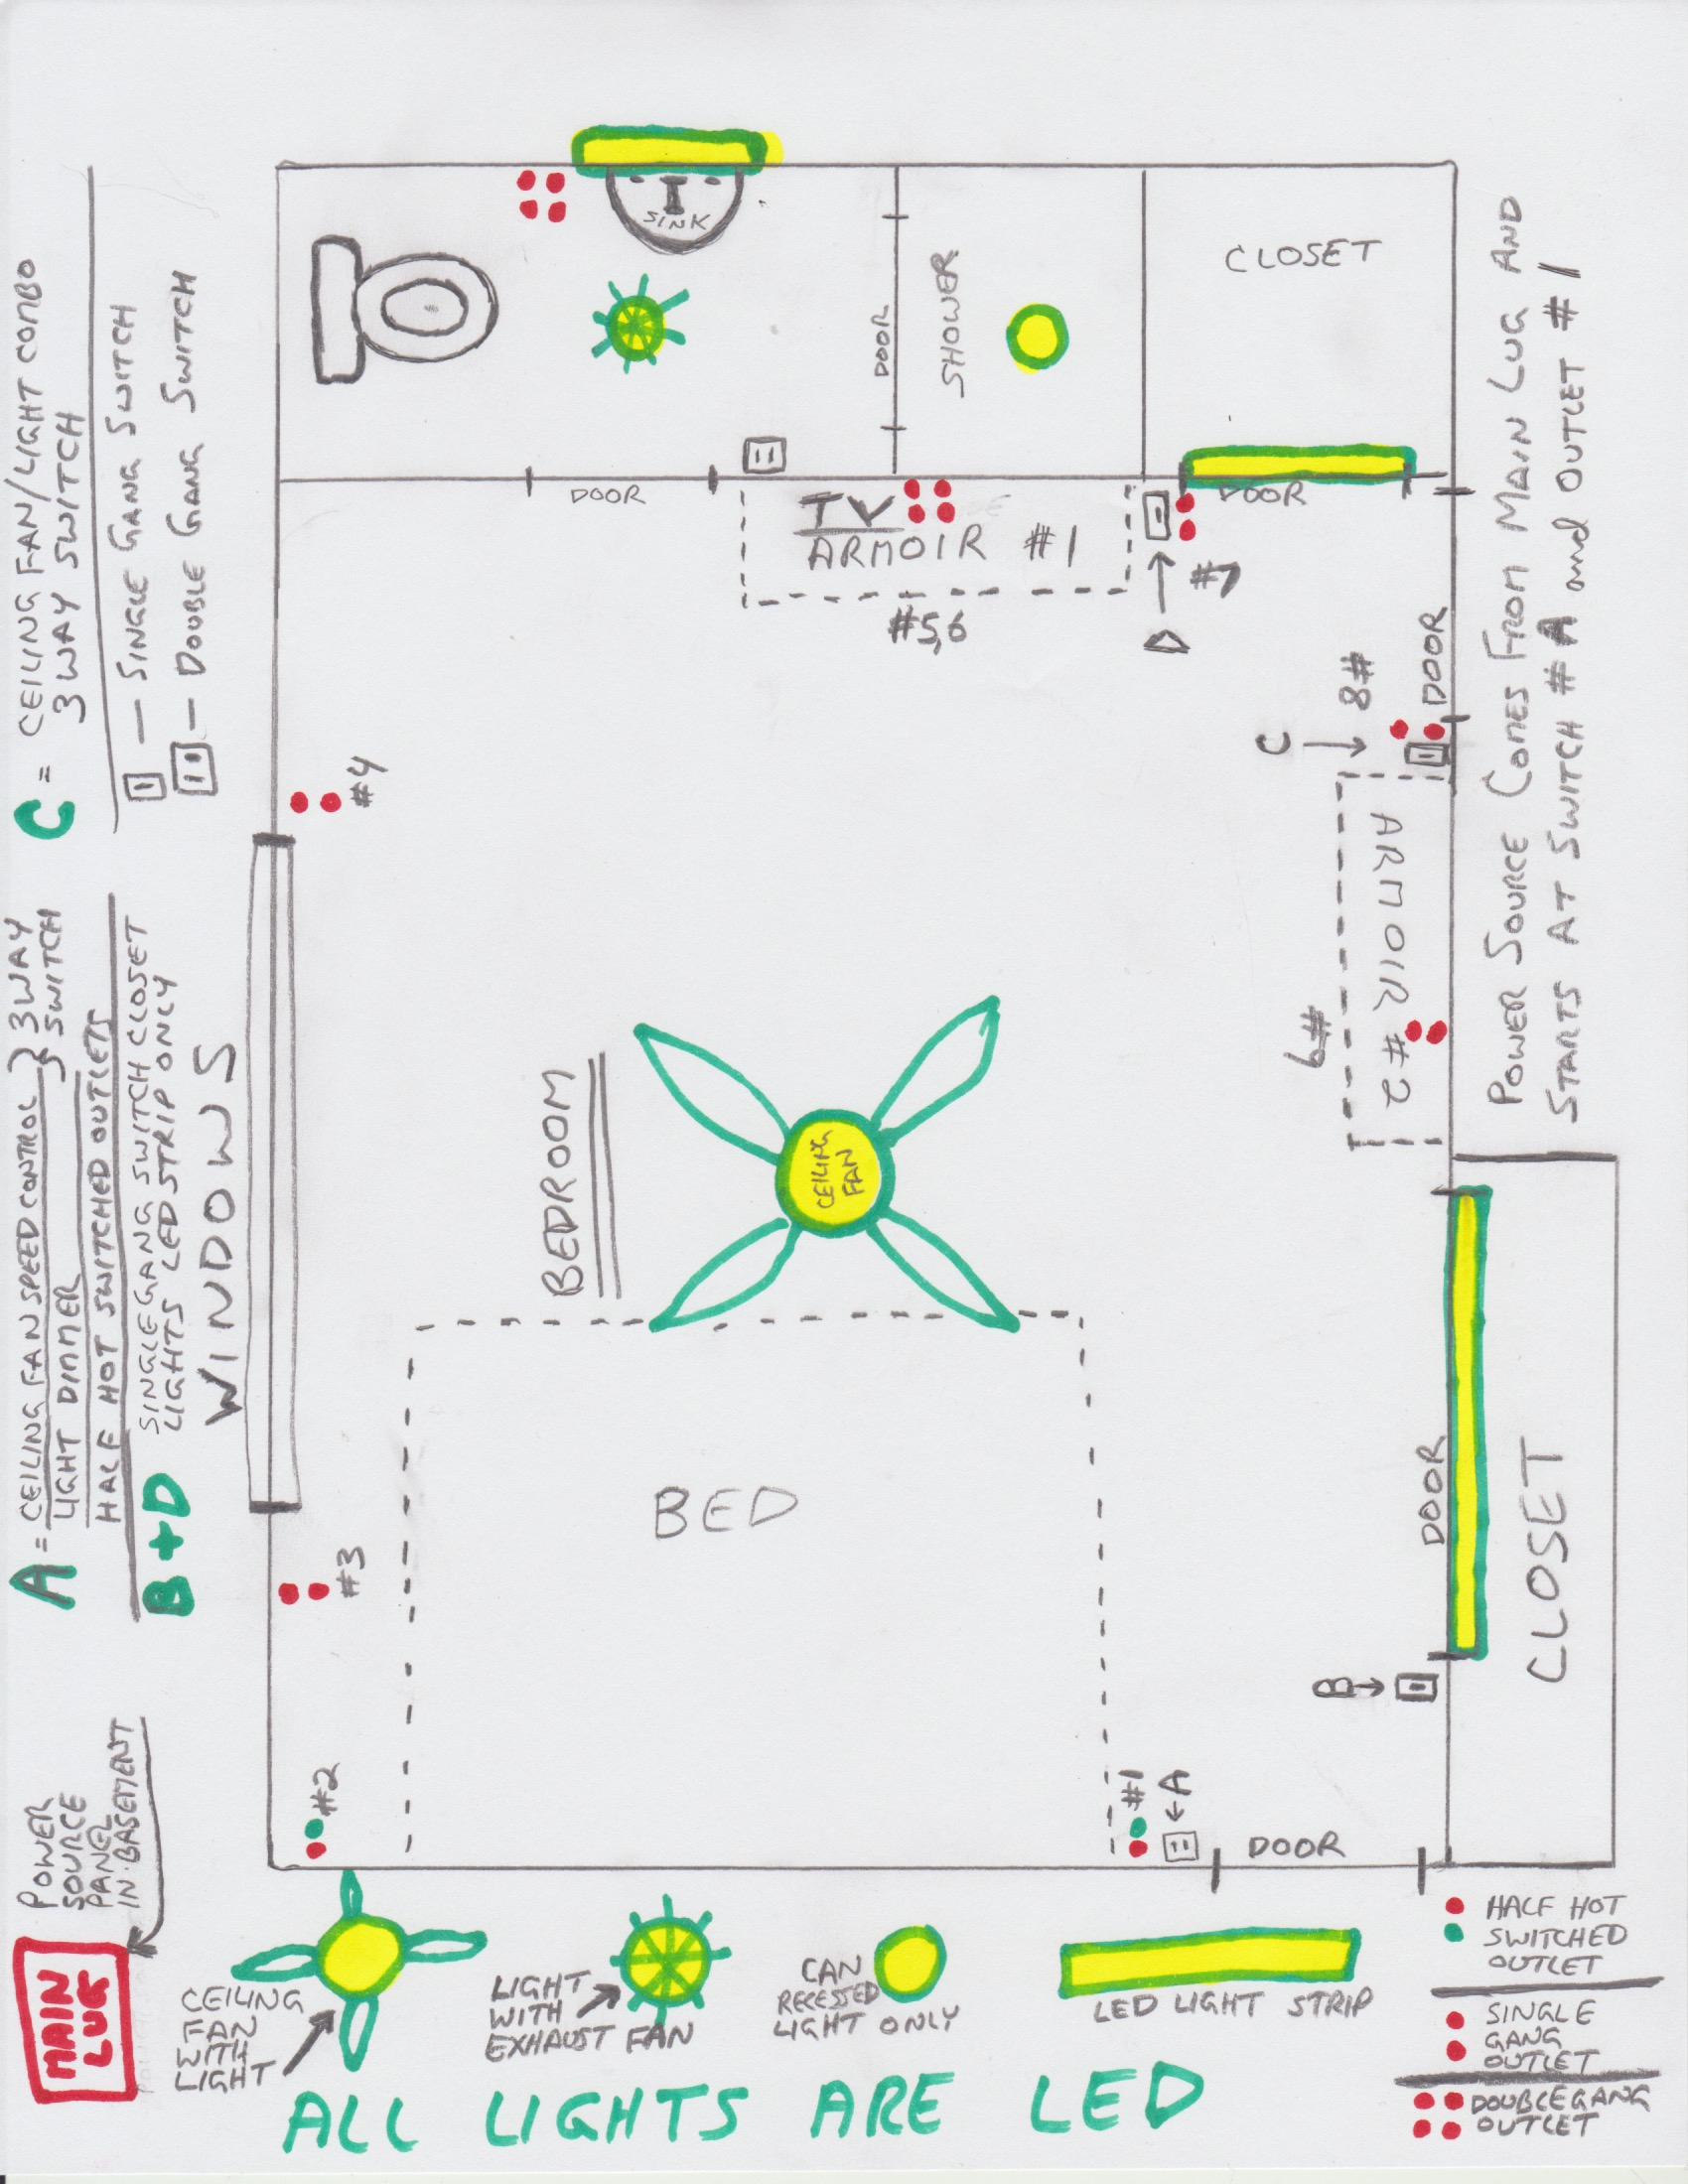 Bathroom Wiring Diagram - Wiring Diagrams Hubs - Bathroom Wiring Diagram